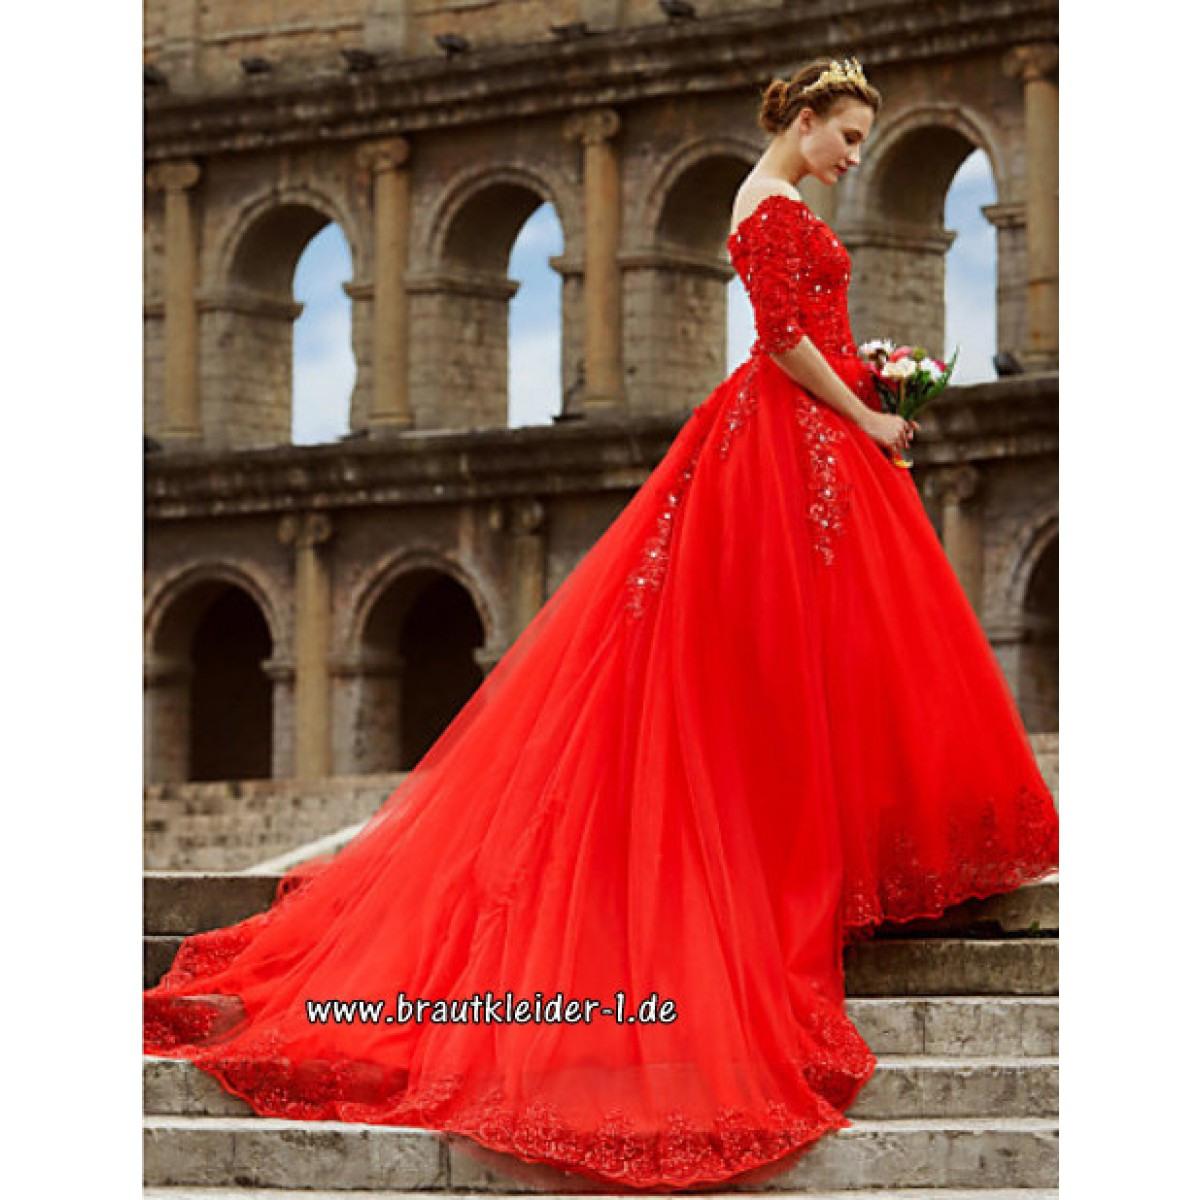 The7D24 Brautkleid Rot Und Hochzeitskleid Rot Bei